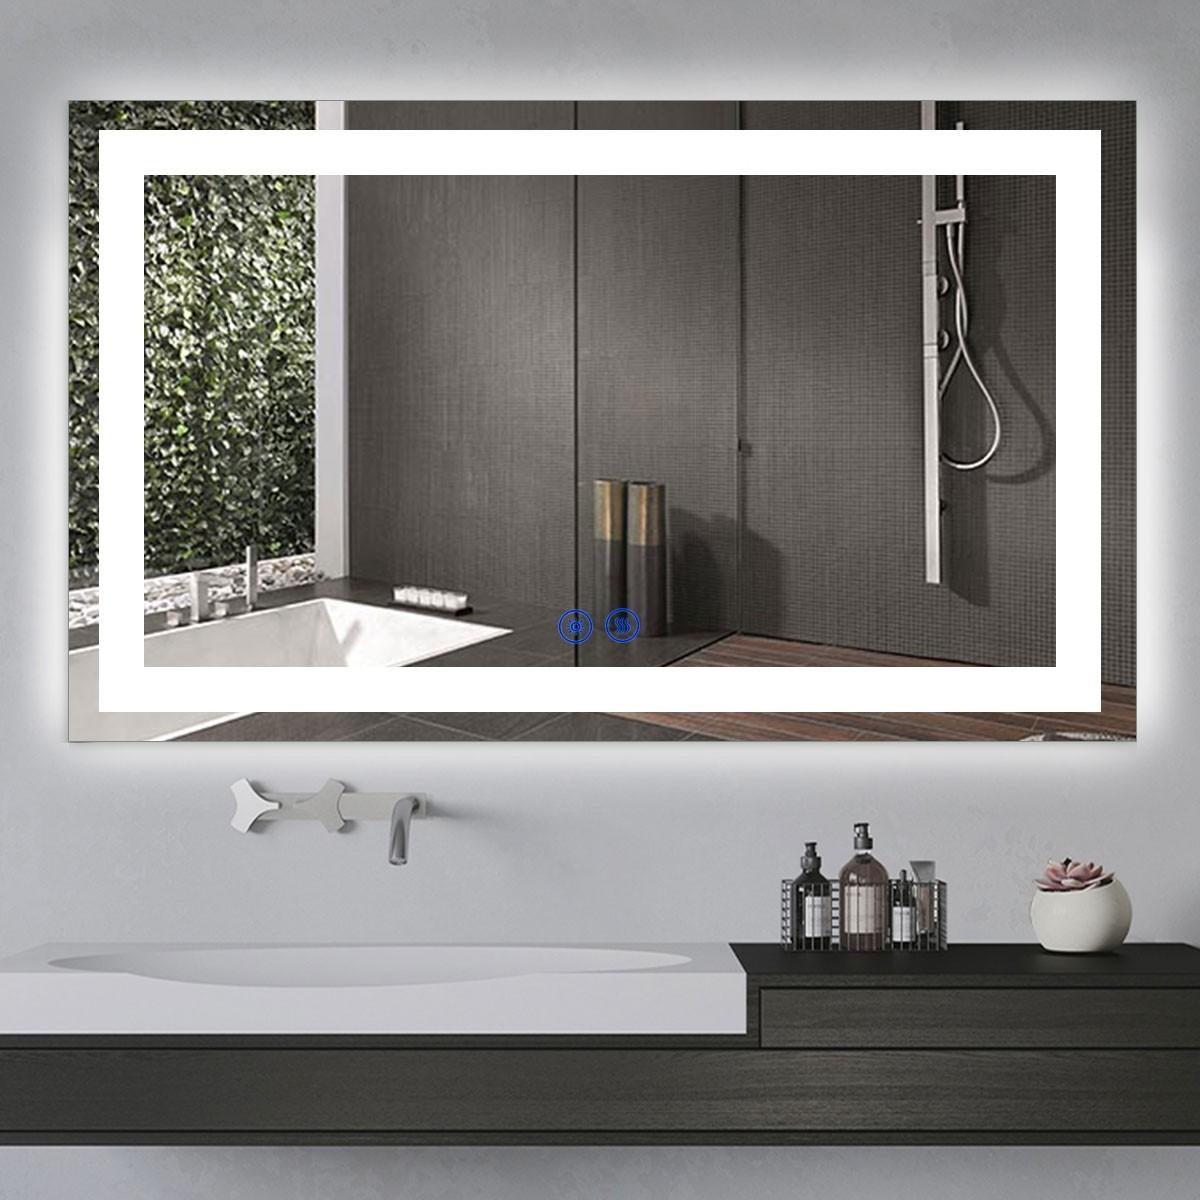 DECORAPORT 60 x 36  Po Miroir de Salle de Bain LED/Miroir Chambre avec Bouton Tactile, Anti-Buée, Luminosité Réglable, Bluetooth, Montage Vertical & Horizontal (D224-6036A)